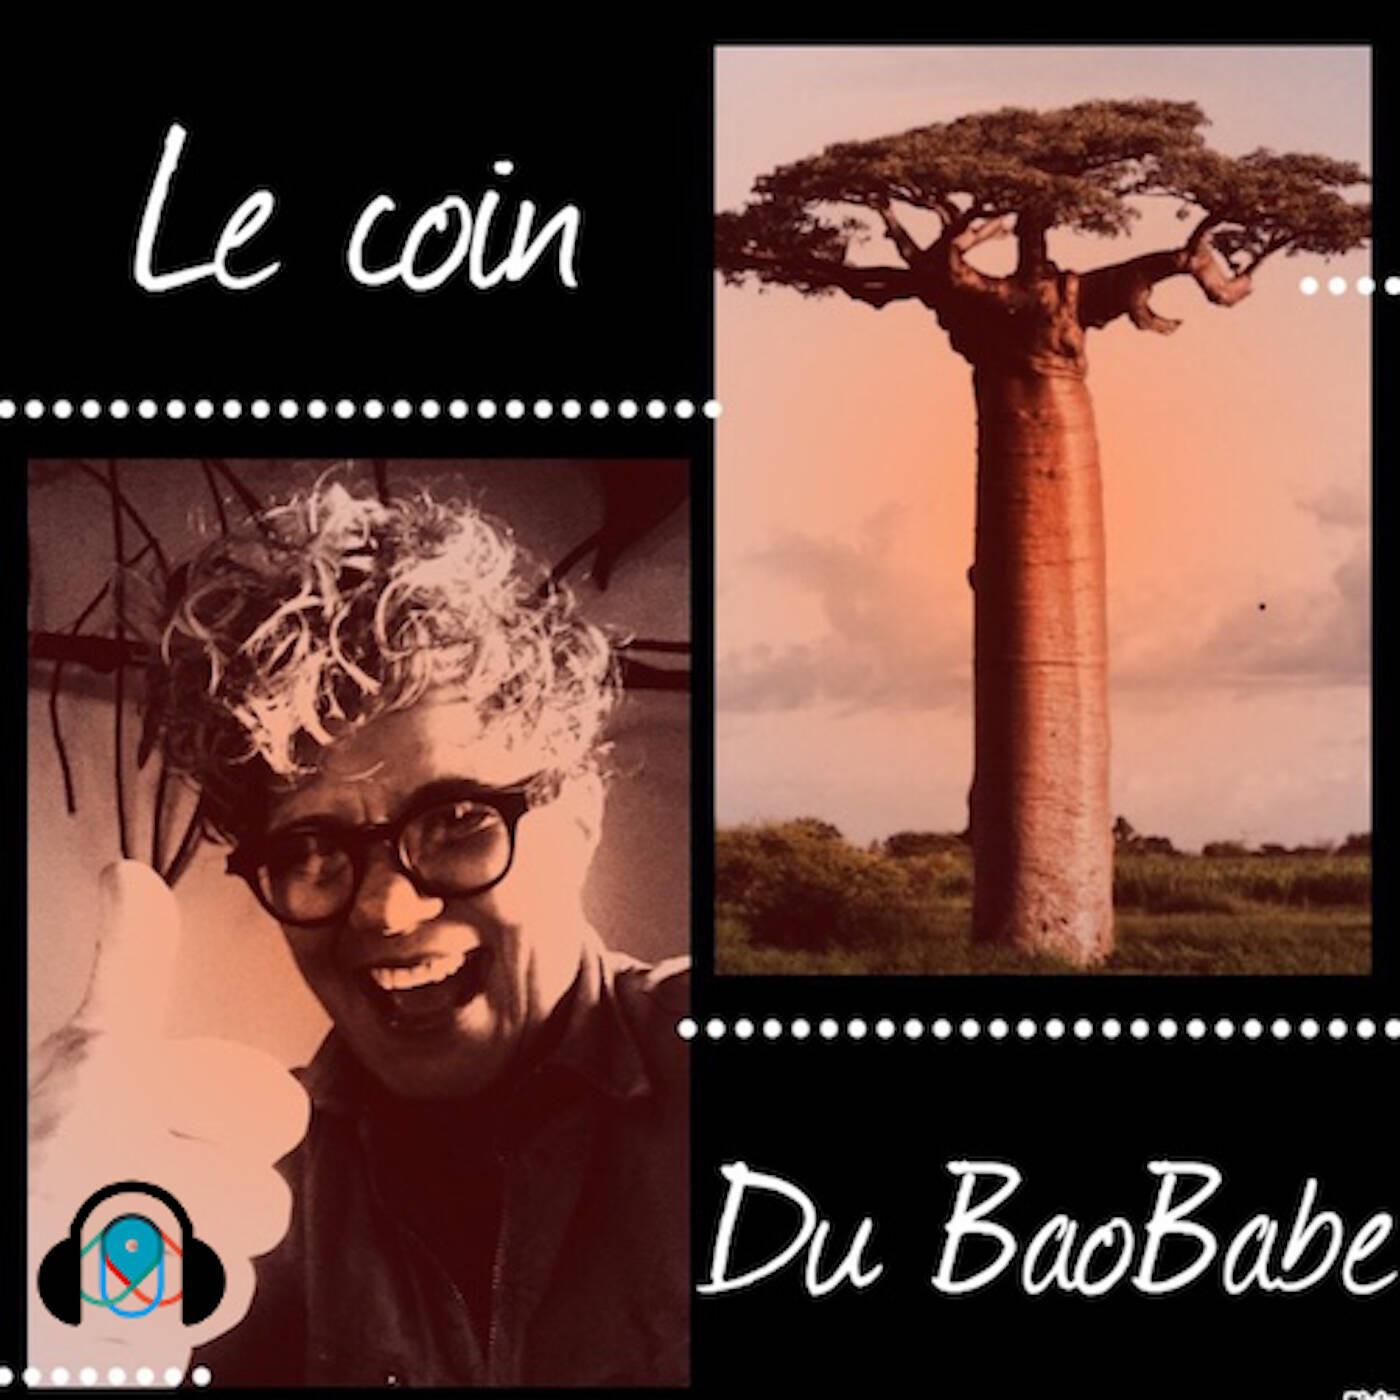 LE COIN DU BAOBABE S1E3